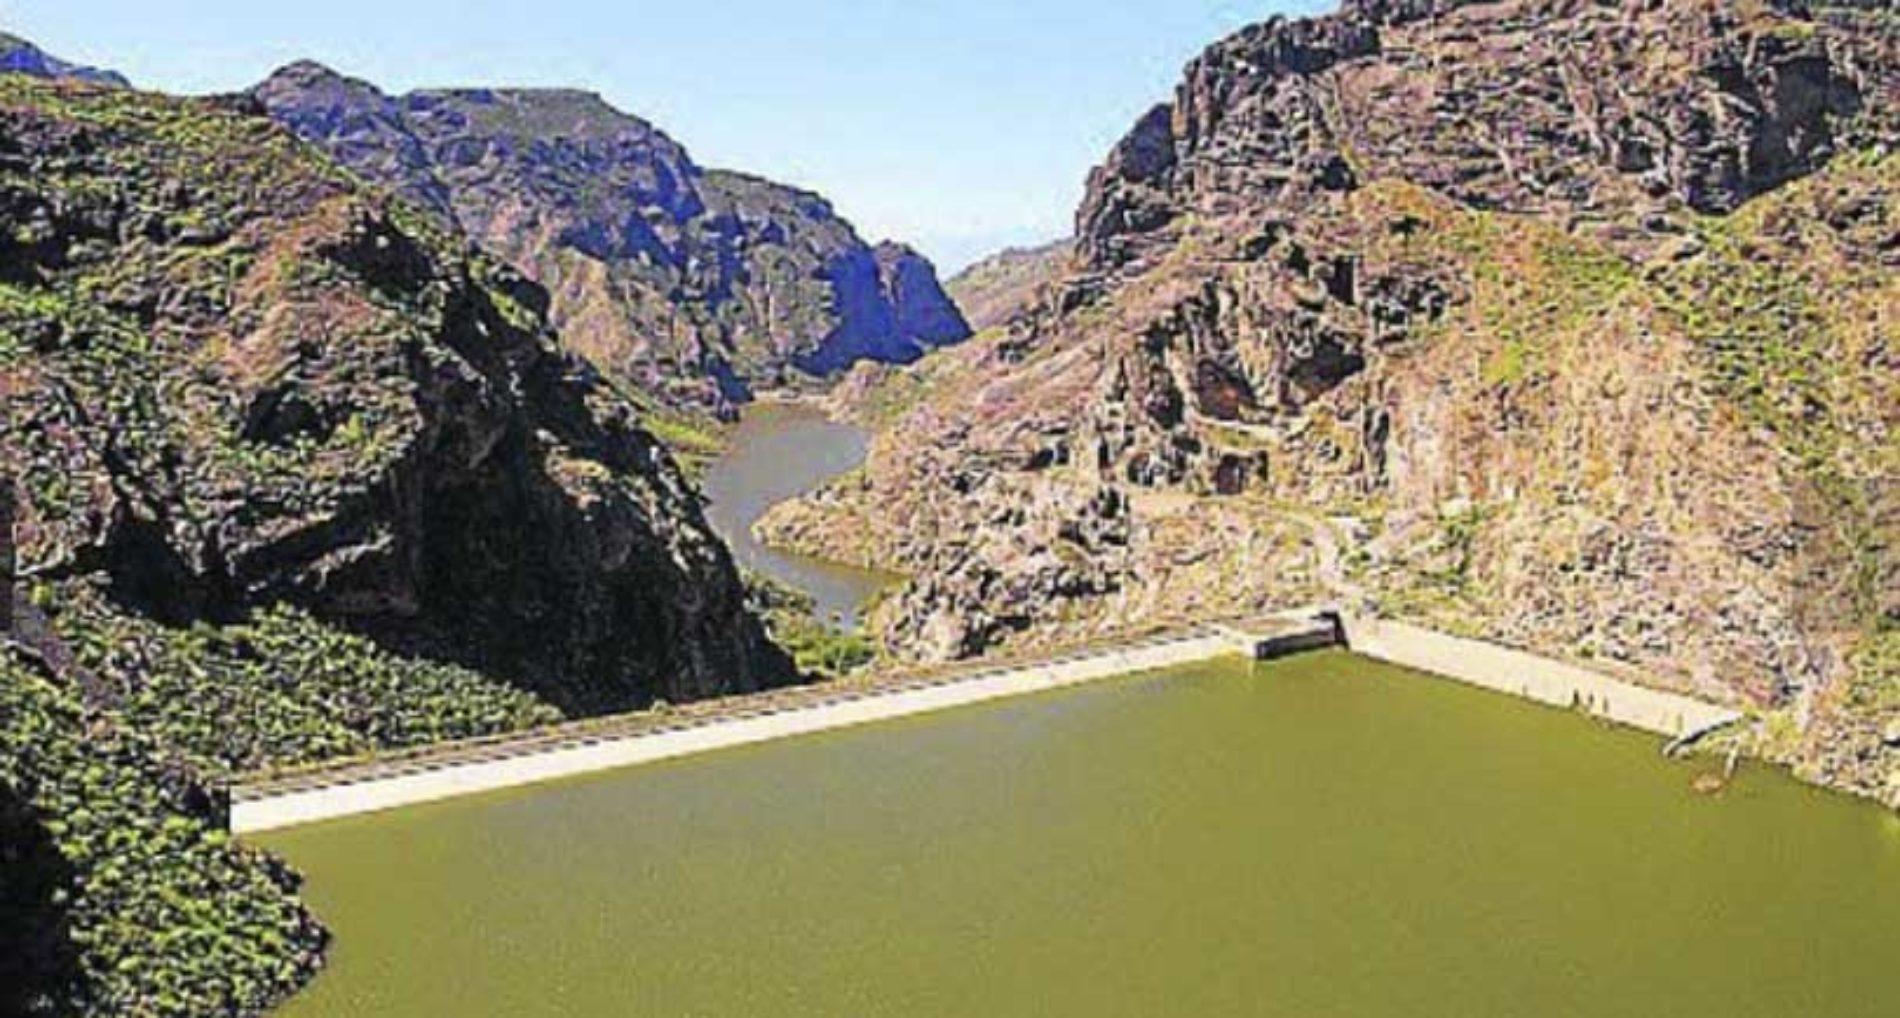 Vannreservene nå oppe i 25,8 millioner kubikkmeter på Gran Canaria